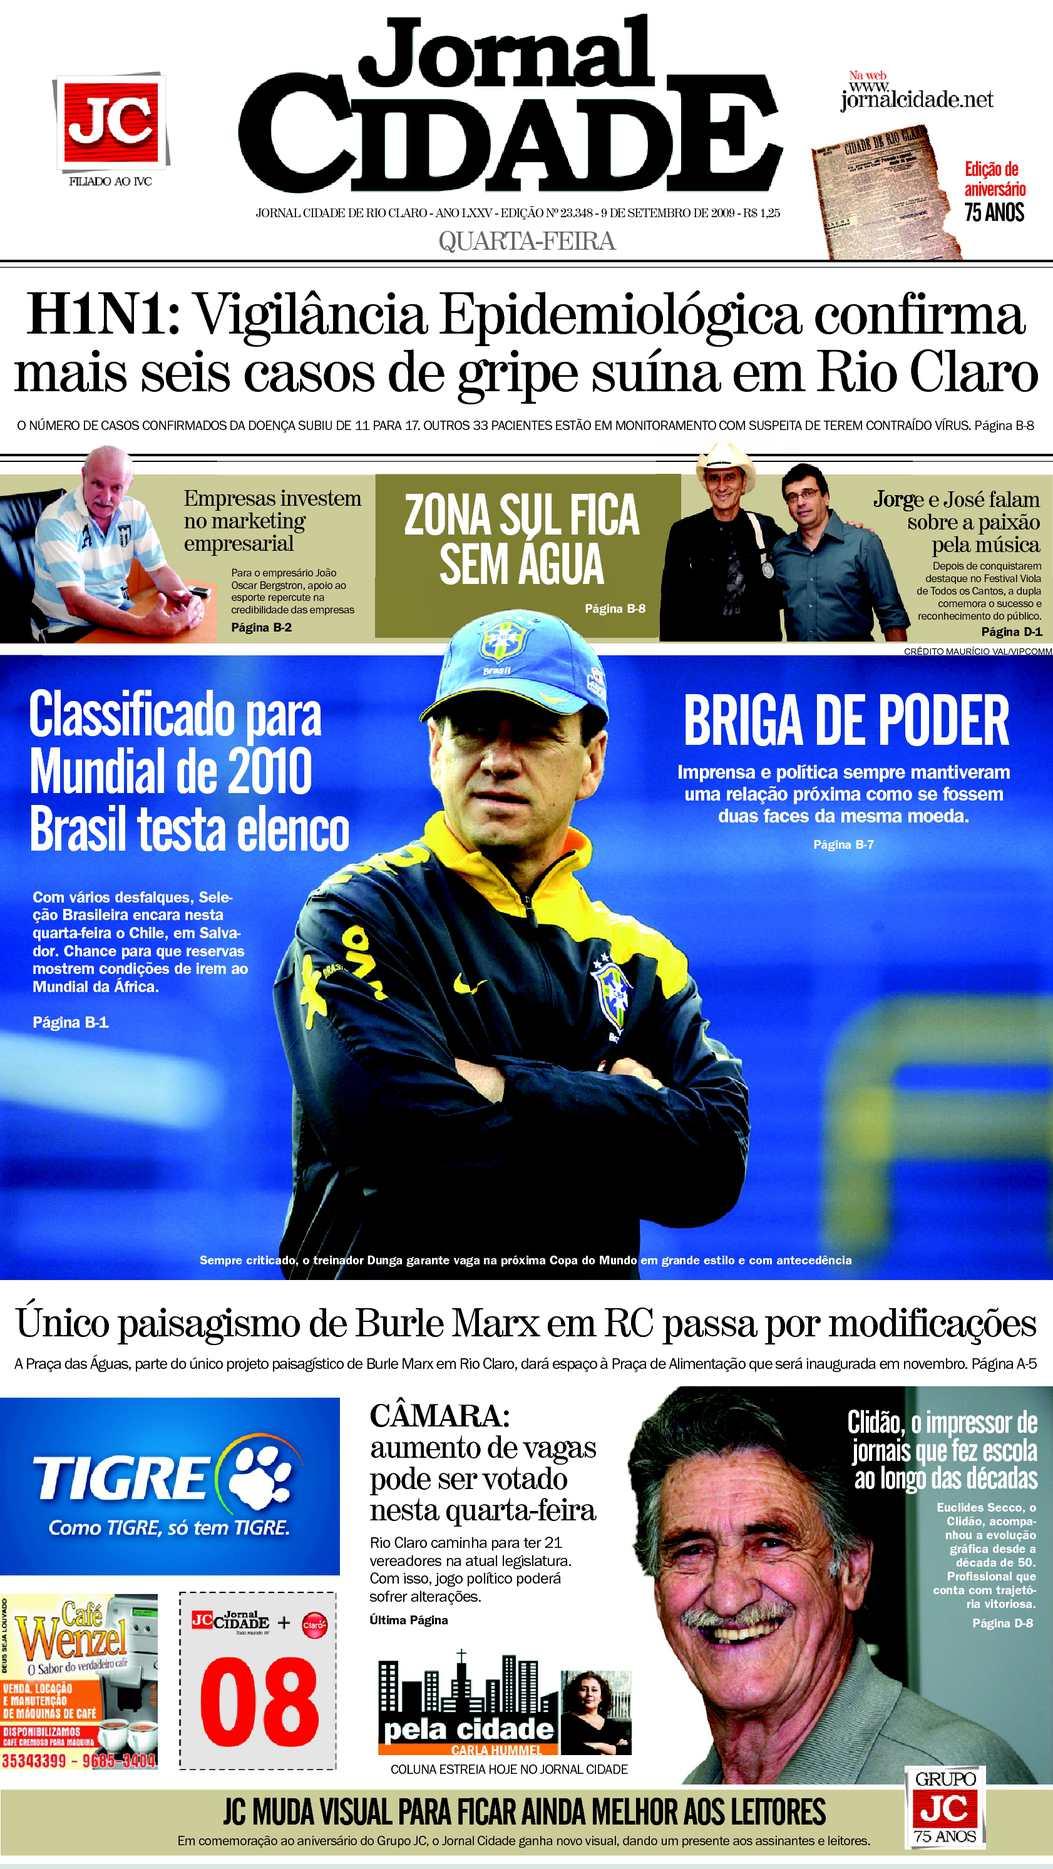 Calaméo - Jornal Cidade de Rio Claro - 09 09 2009 f1074f12eb